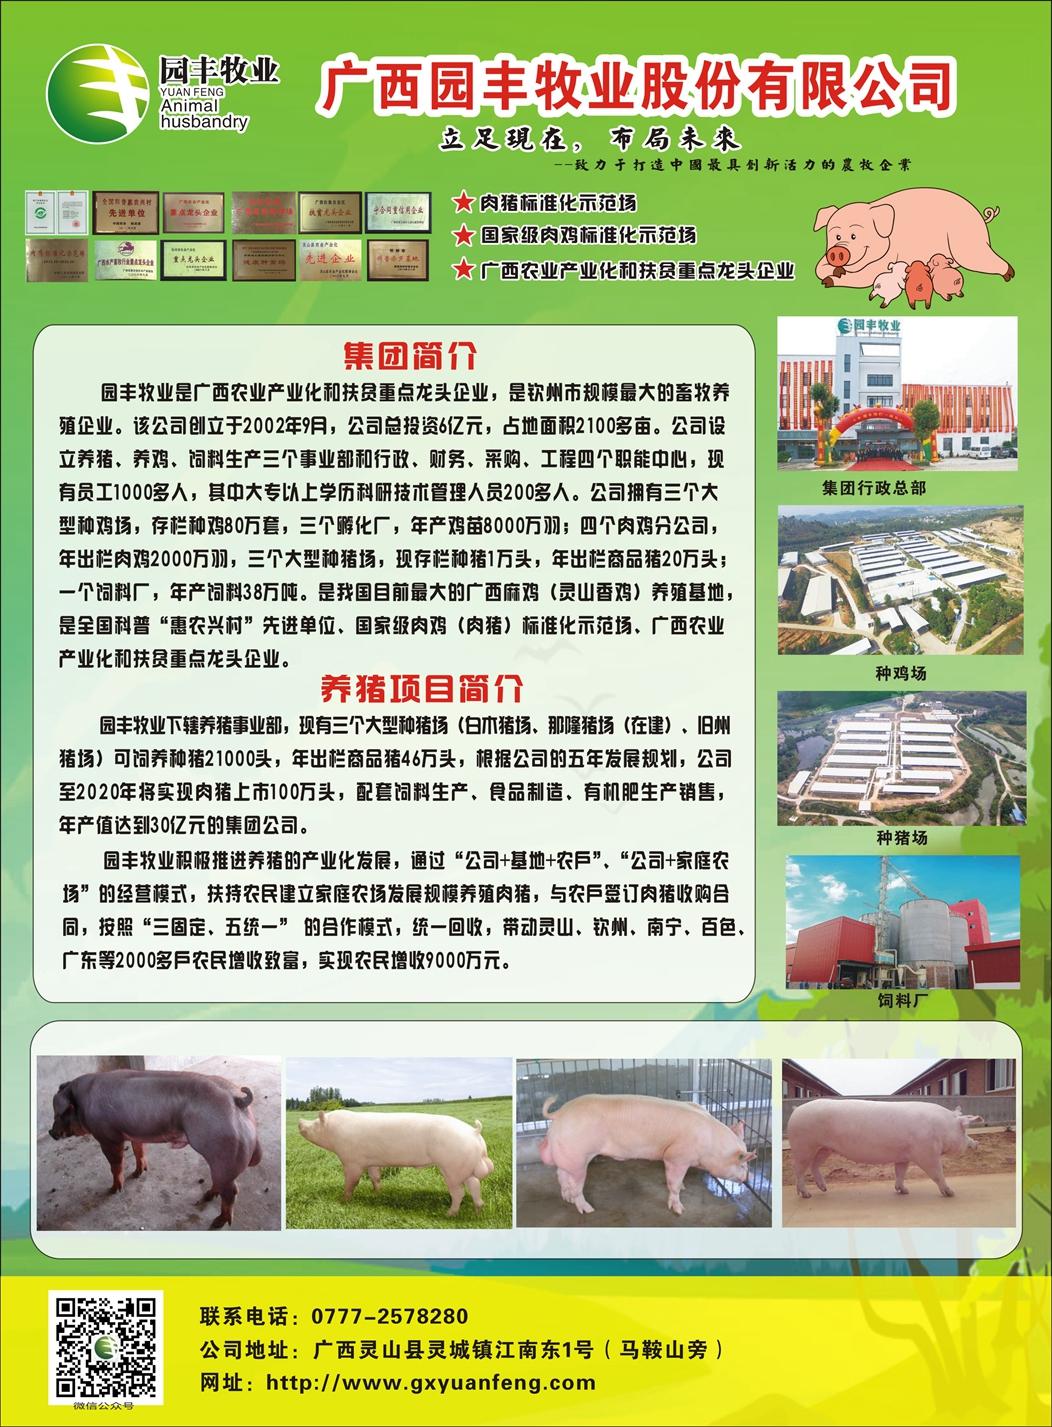 广西园丰种猪